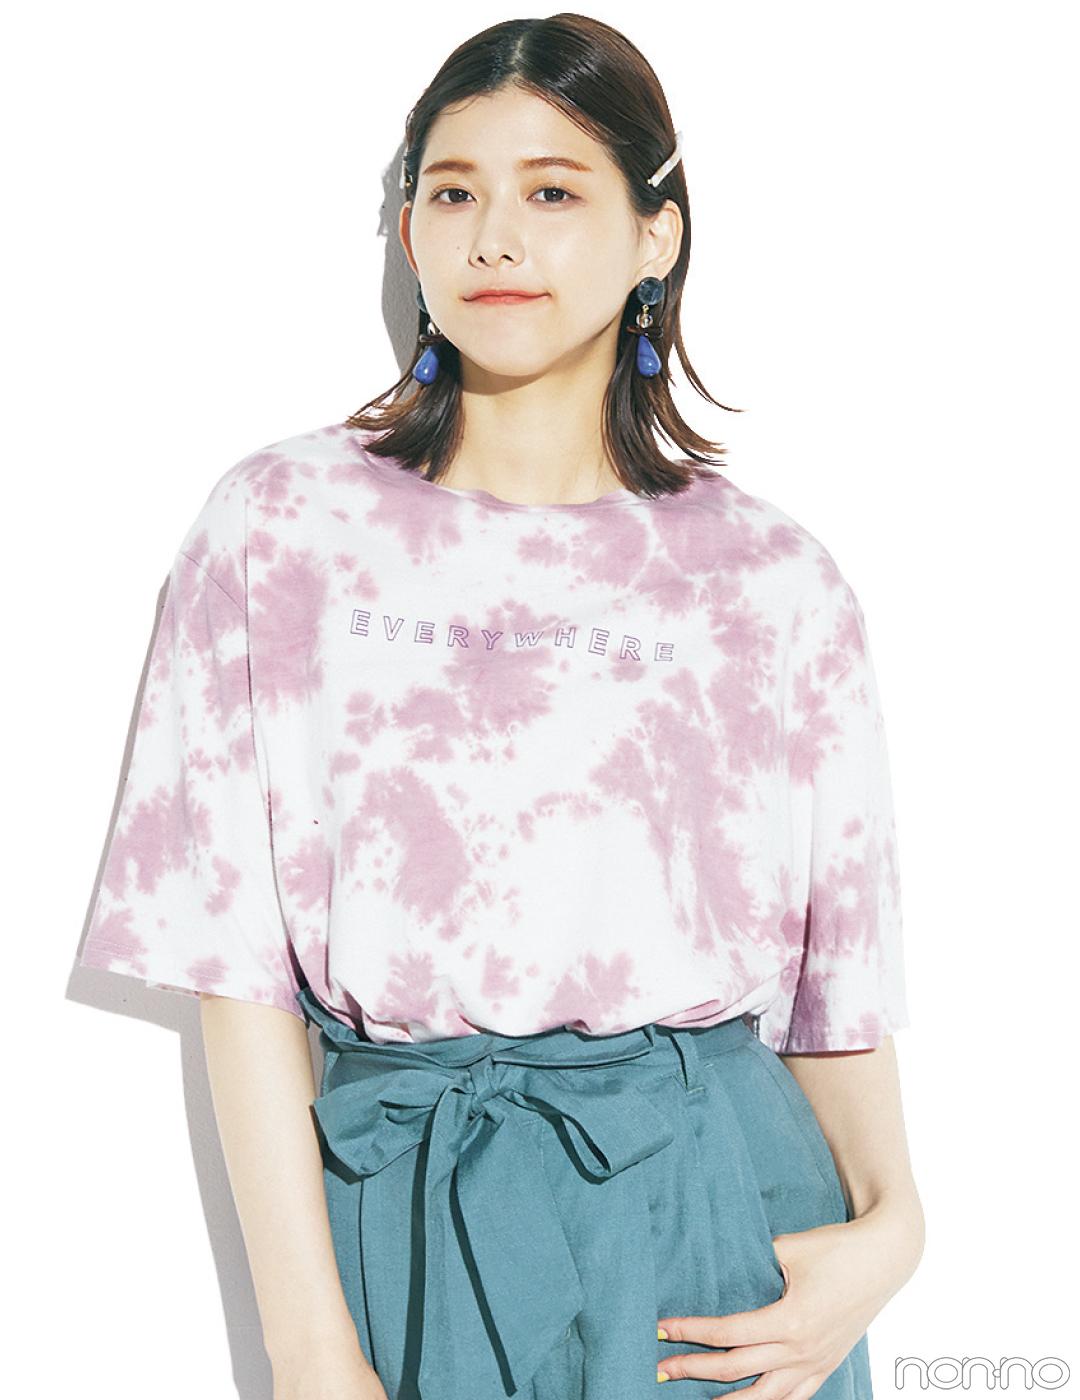 Photo Gallery 渡邉理佐の毎日Tシャツコーデ フォトギャラリー_1_4